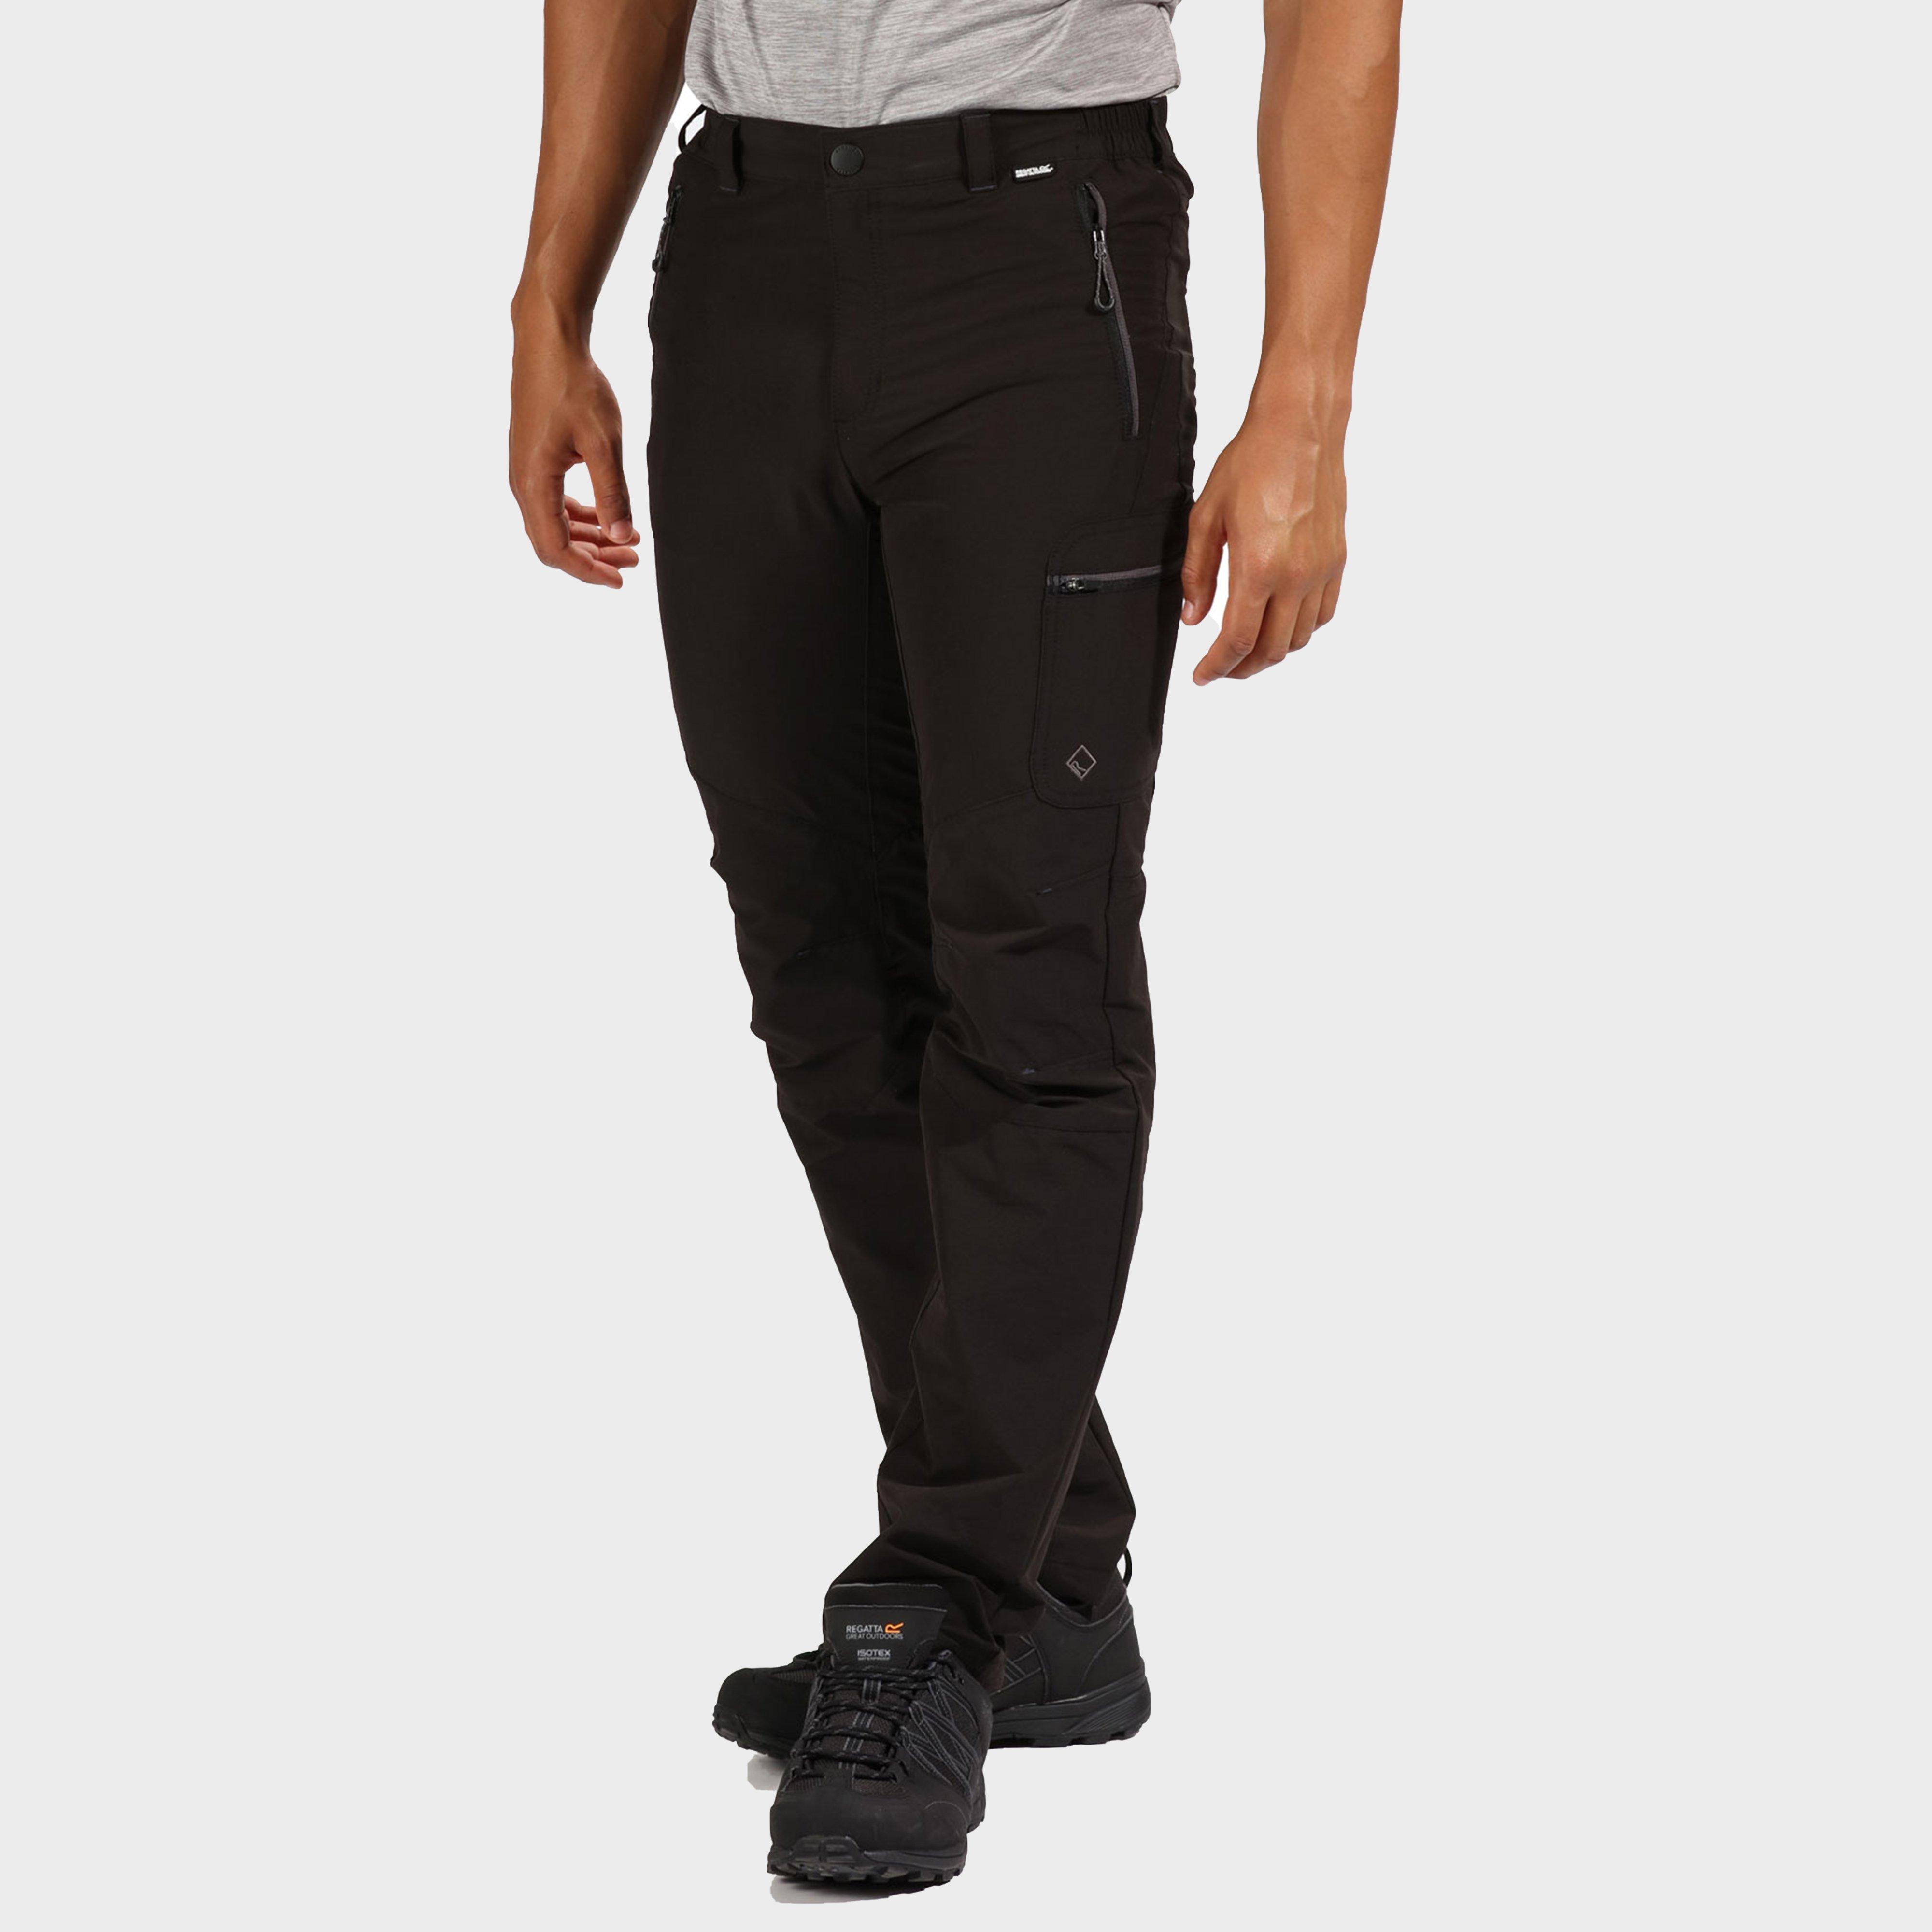 Regatta Men's Highton Trousers - Black/Trousers, Black